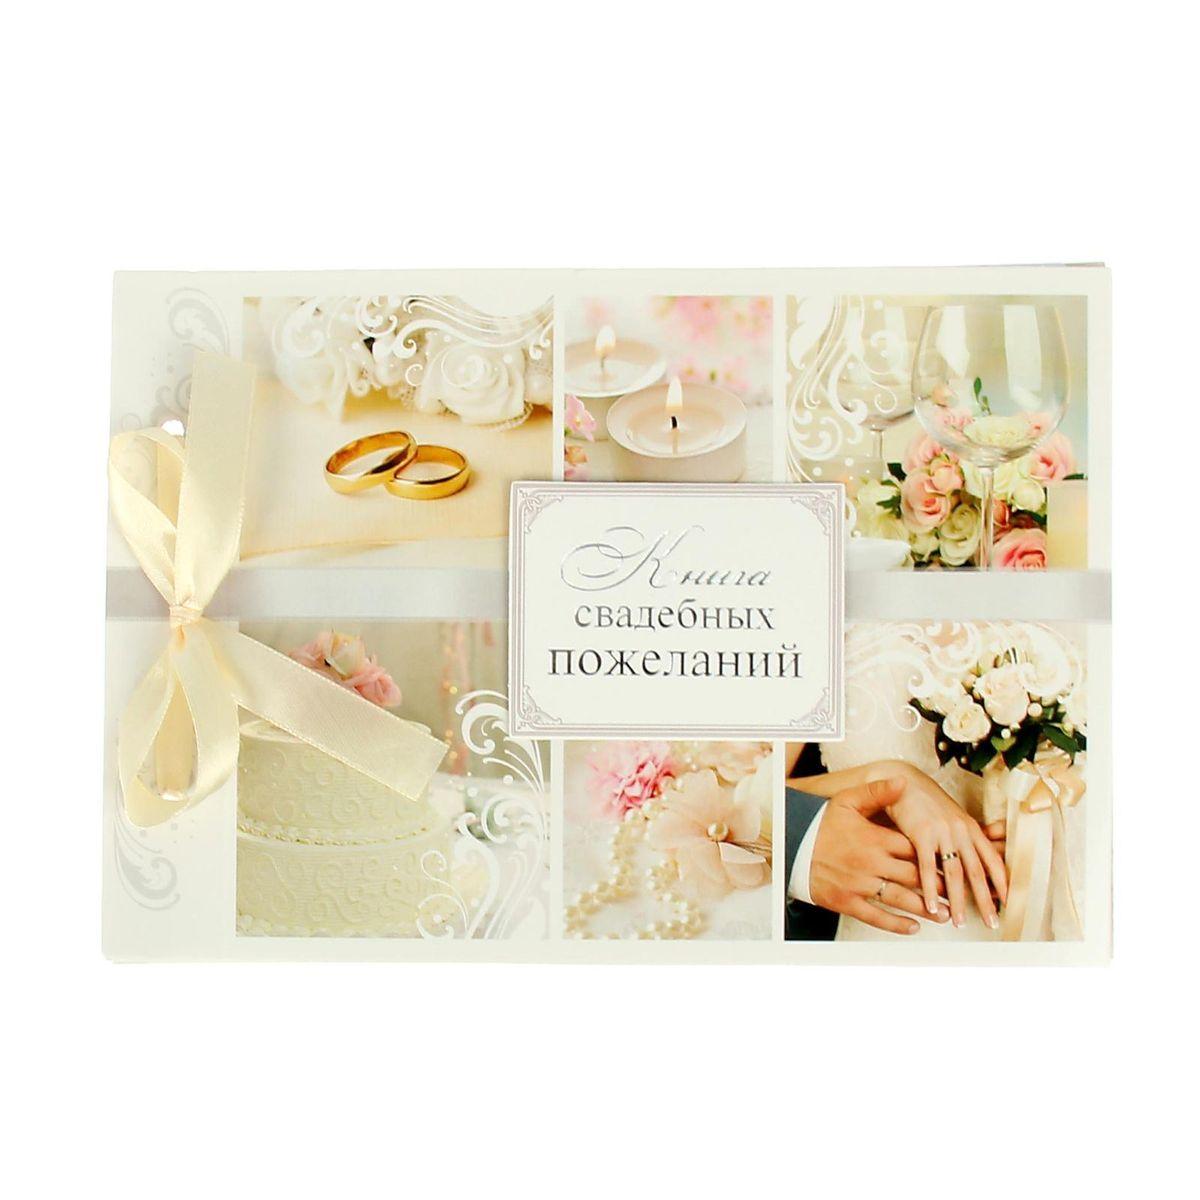 Книга свадебных пожеланий на ленте Sima-land Пусть счастье ваше не кончается..., 21 х 14,5 см1252041Теперь добрые слова и светлые поздравления останутся с вами на всю жизнь. Через много лет, перечитывая эту чудесную книгу, вы вместе со своей половинкой будете с улыбкой вспоминать о самом счастливом дне в вашей жизни. Сохраните счастливые воспоминания на долгие годы!